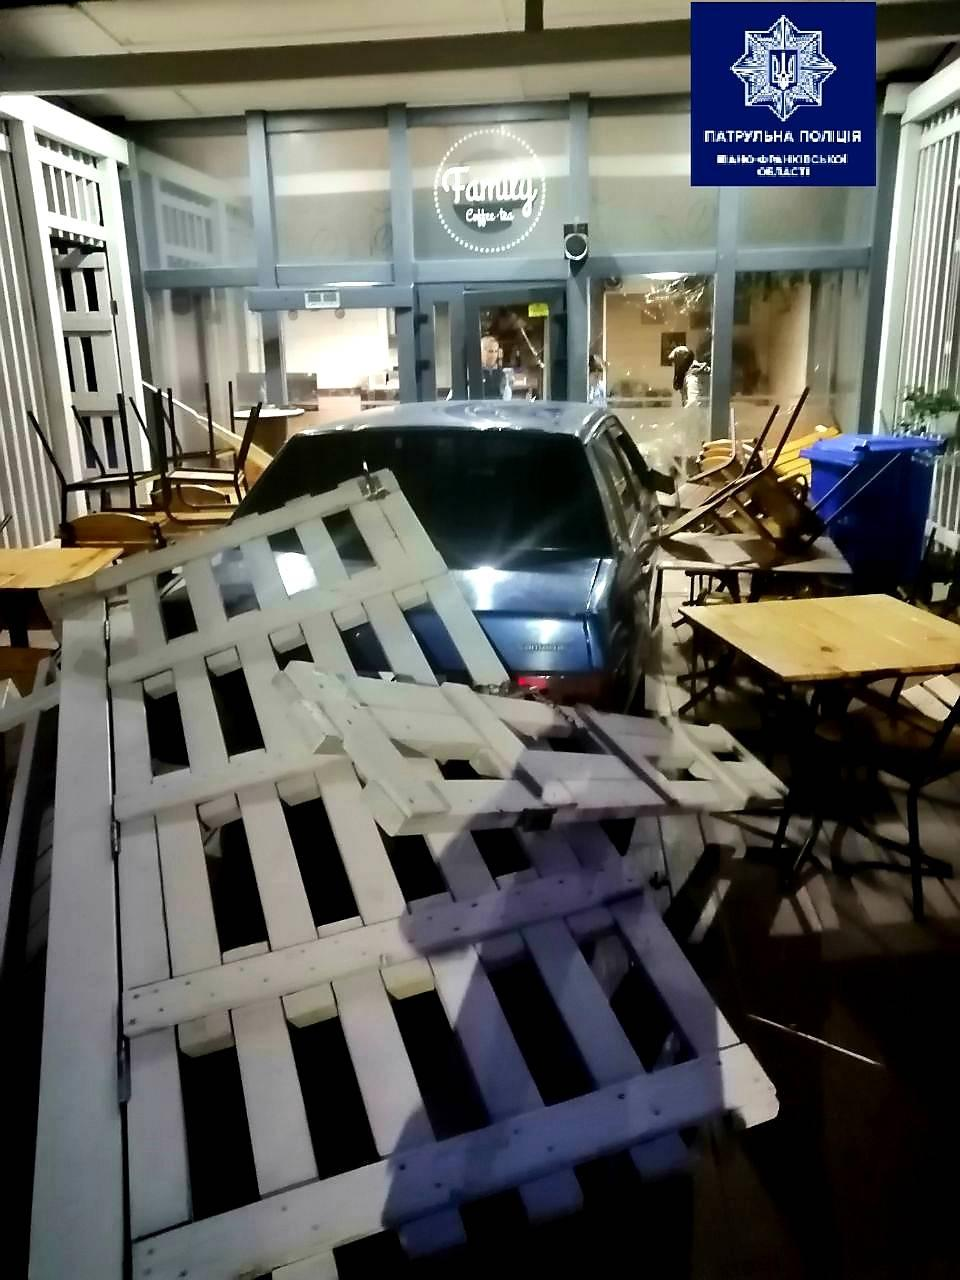 На Пасічній п'яний водій розтрощив кафе (ФОТО)